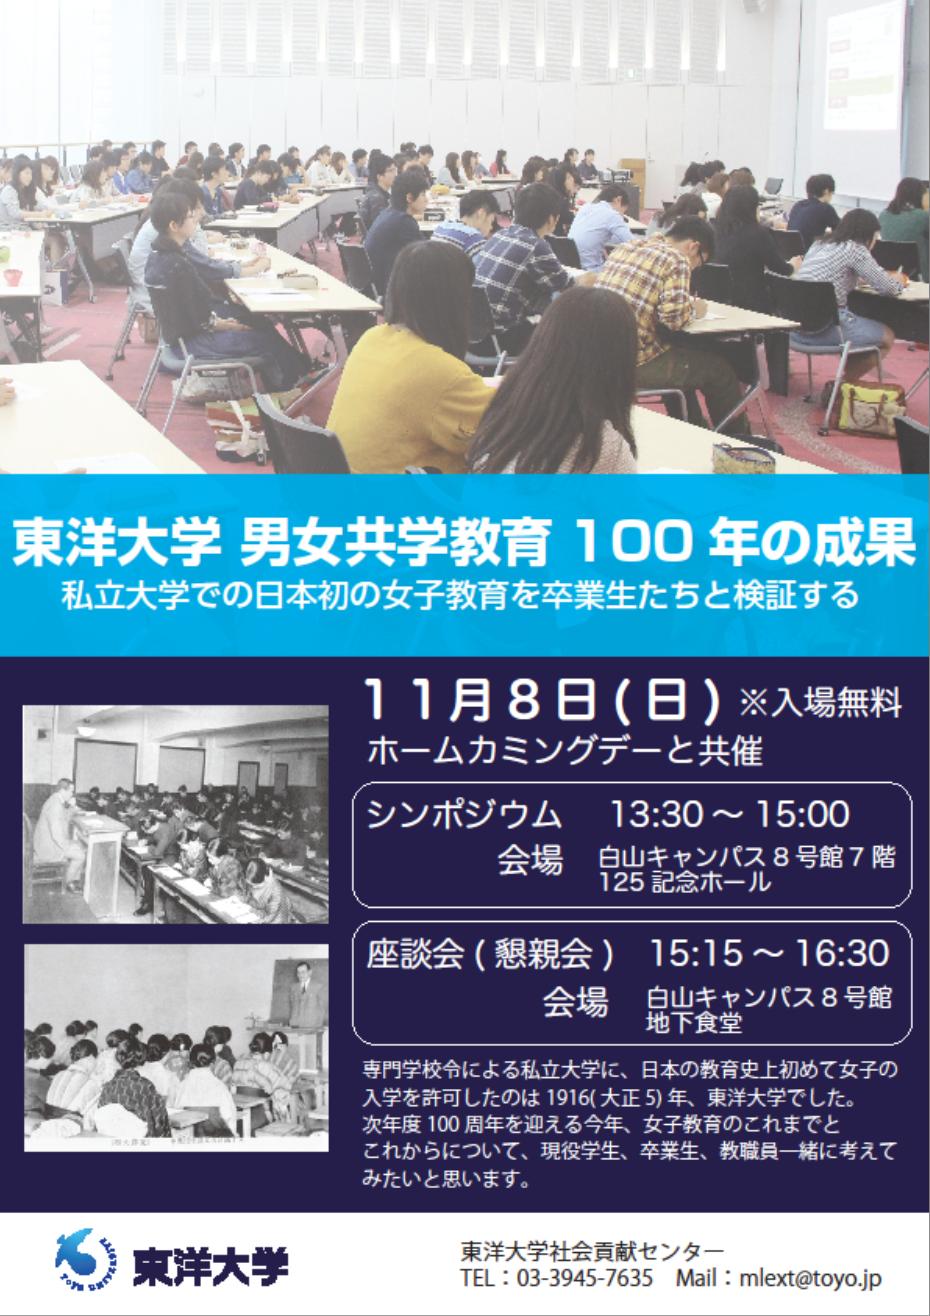 東洋大学 社会貢献センターシンポジウム「東洋大学 男女共学教育100年の成果-私立大学での日本初の女子教育を卒業生たちと検証する-」を開催